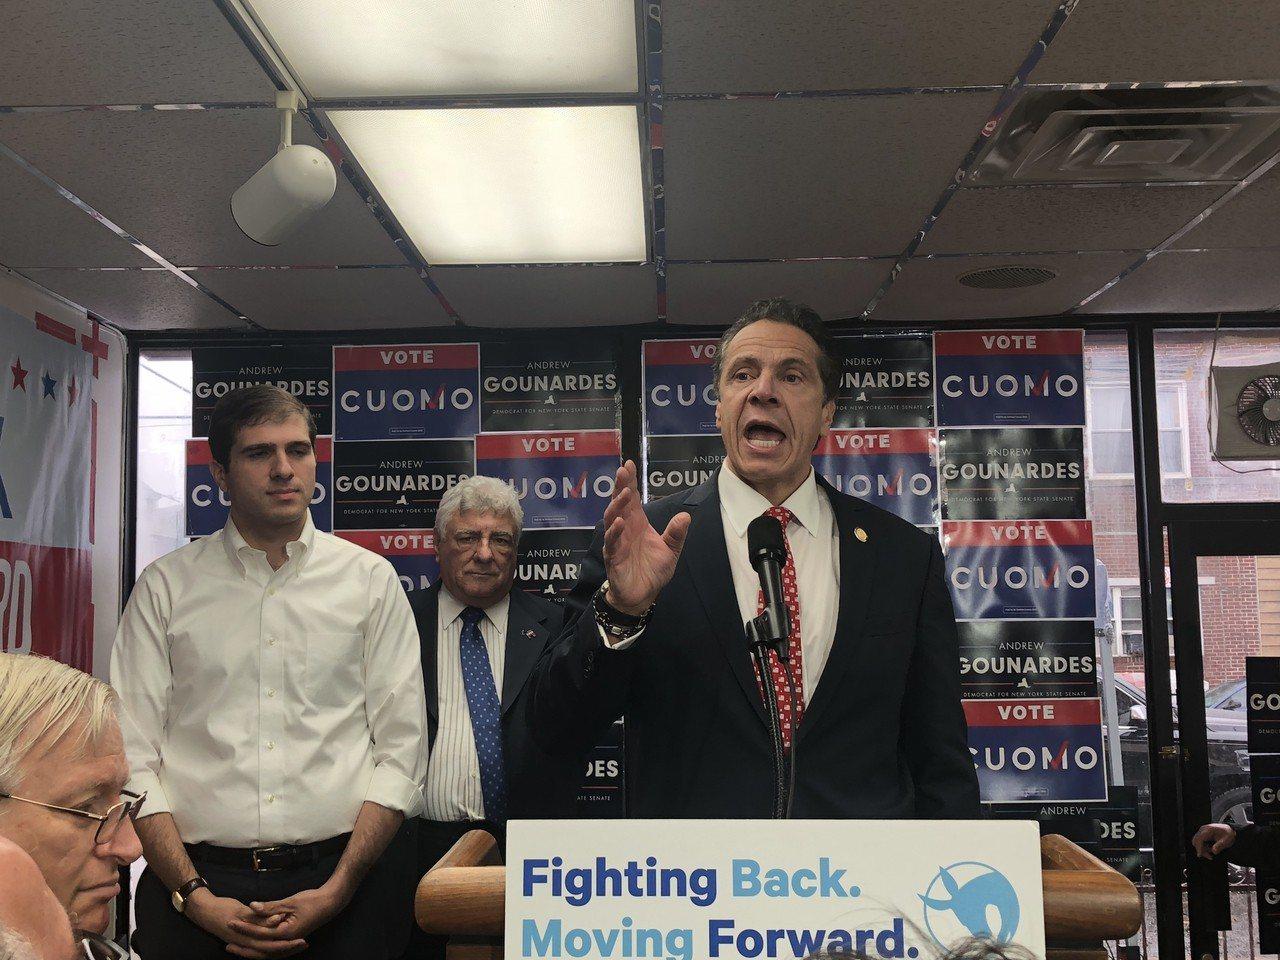 州長葛謨(Andrew Cuomo)在大選前一日前來布碌崙(布魯克林),為第22...